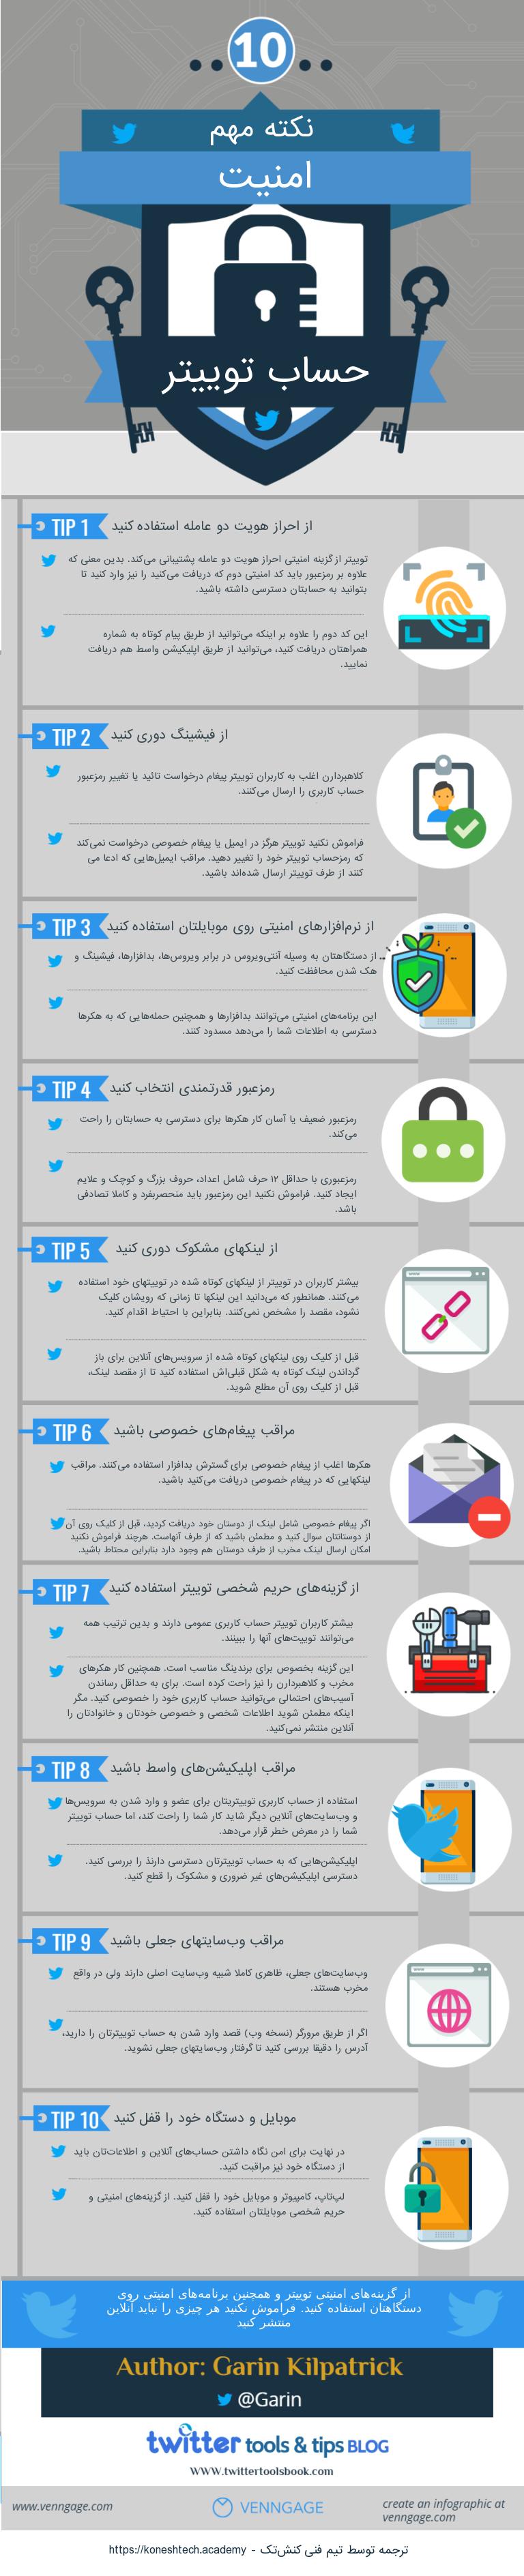 اینفوگرافیک ۱۰ نکته مهم امنیت حساب توییتر